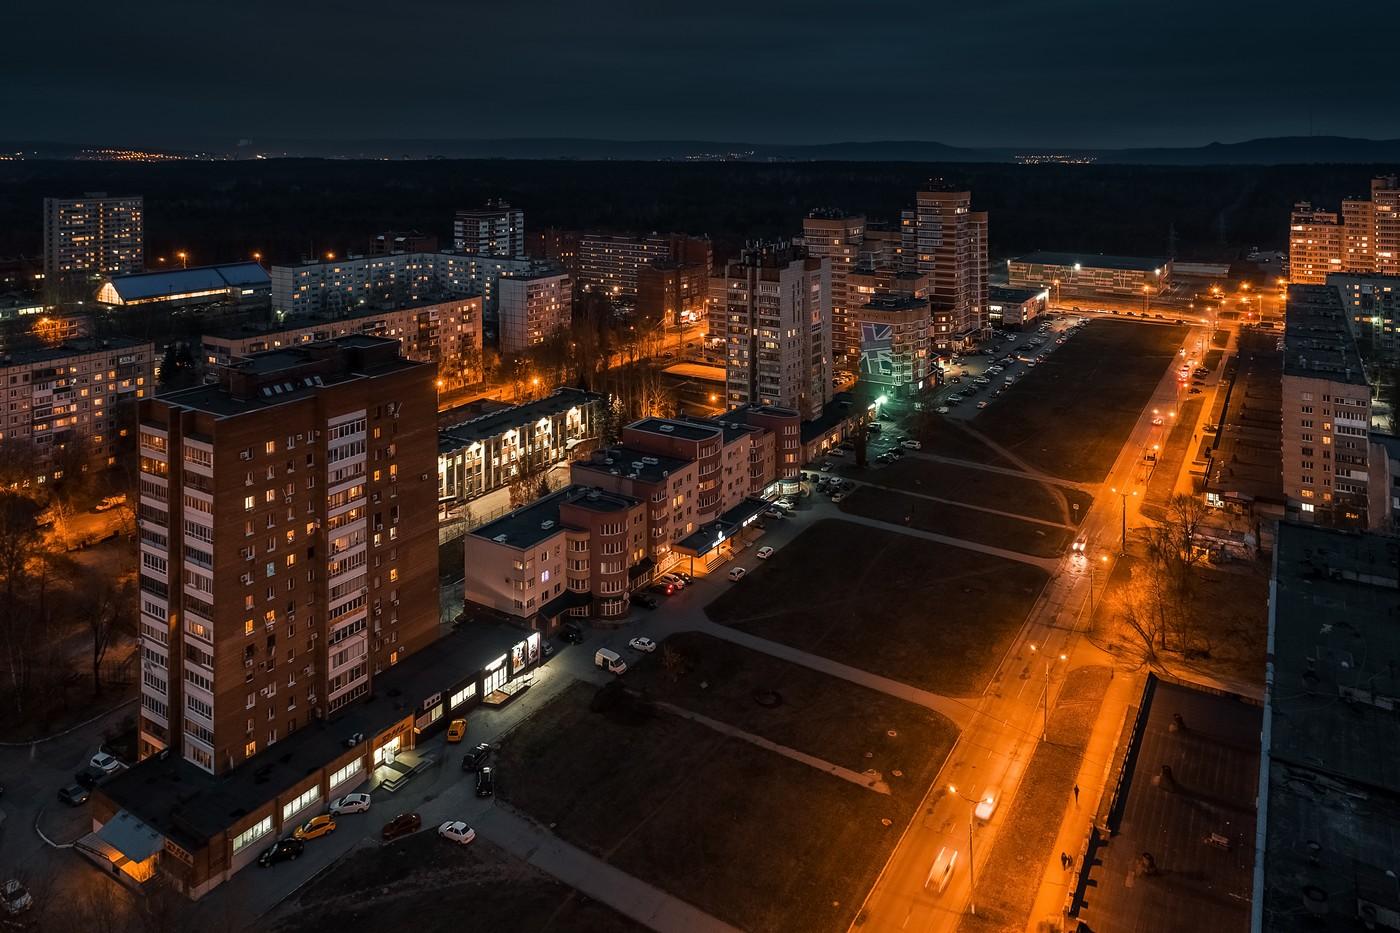 после тольятти комсомольский район фото итоге, день